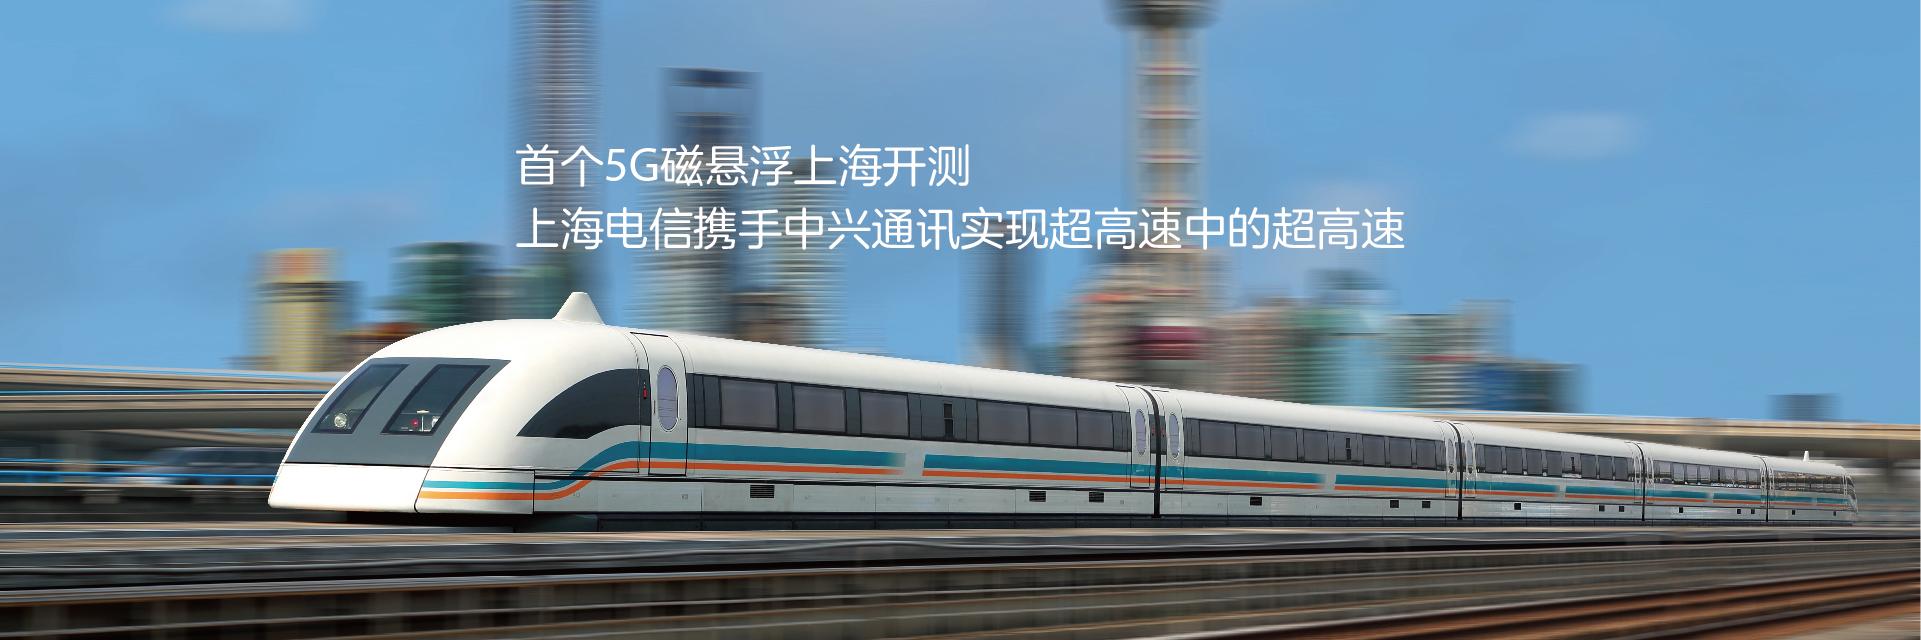 首个5G磁悬浮上海开测,上海电信携手中兴通讯实现超高速中的超高速